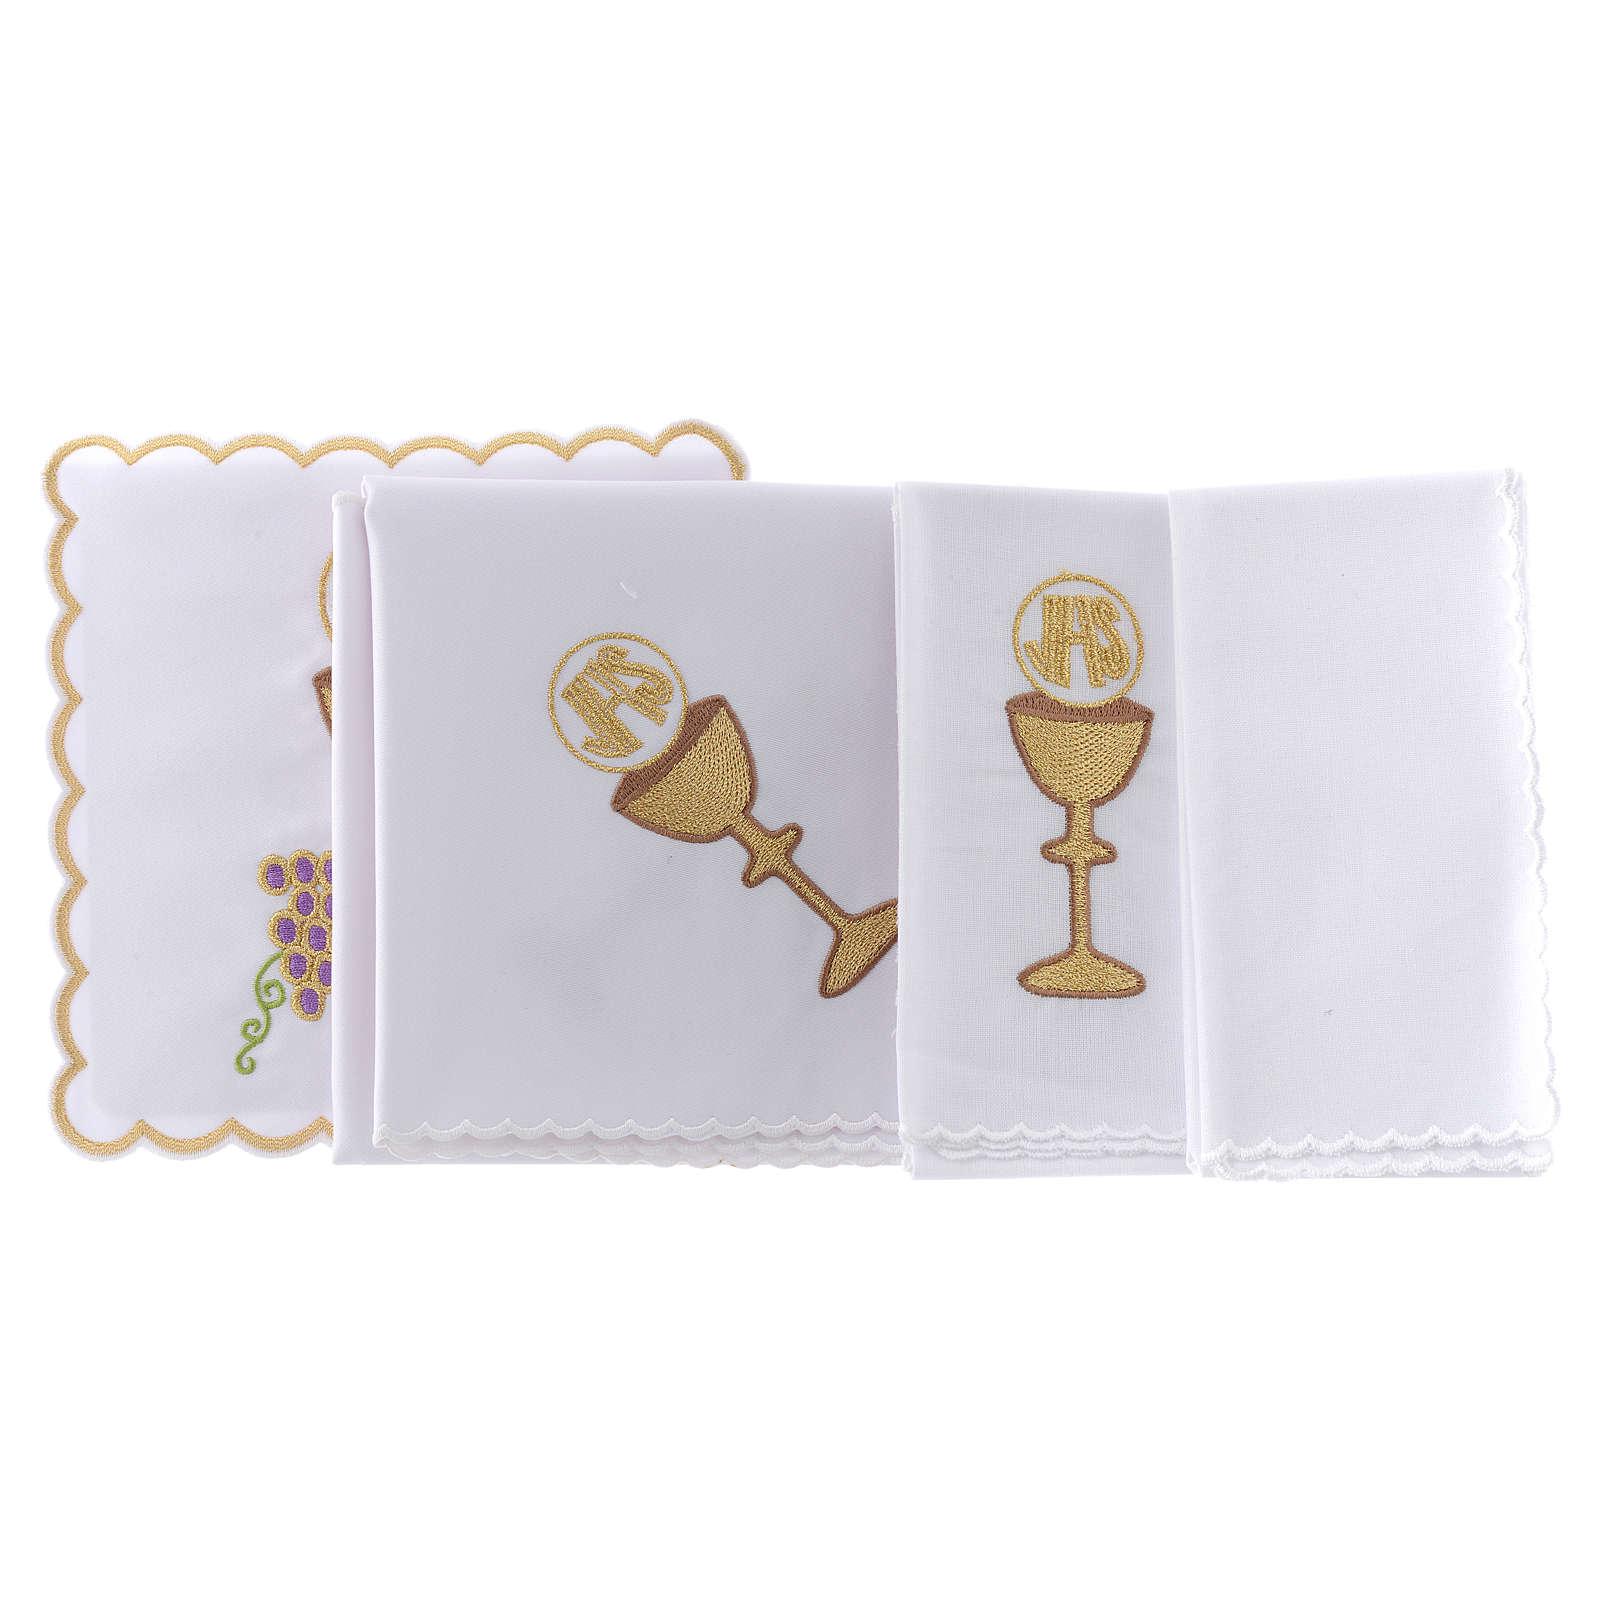 Linge autel coton raisin contours dorés calice hostie IHS 4